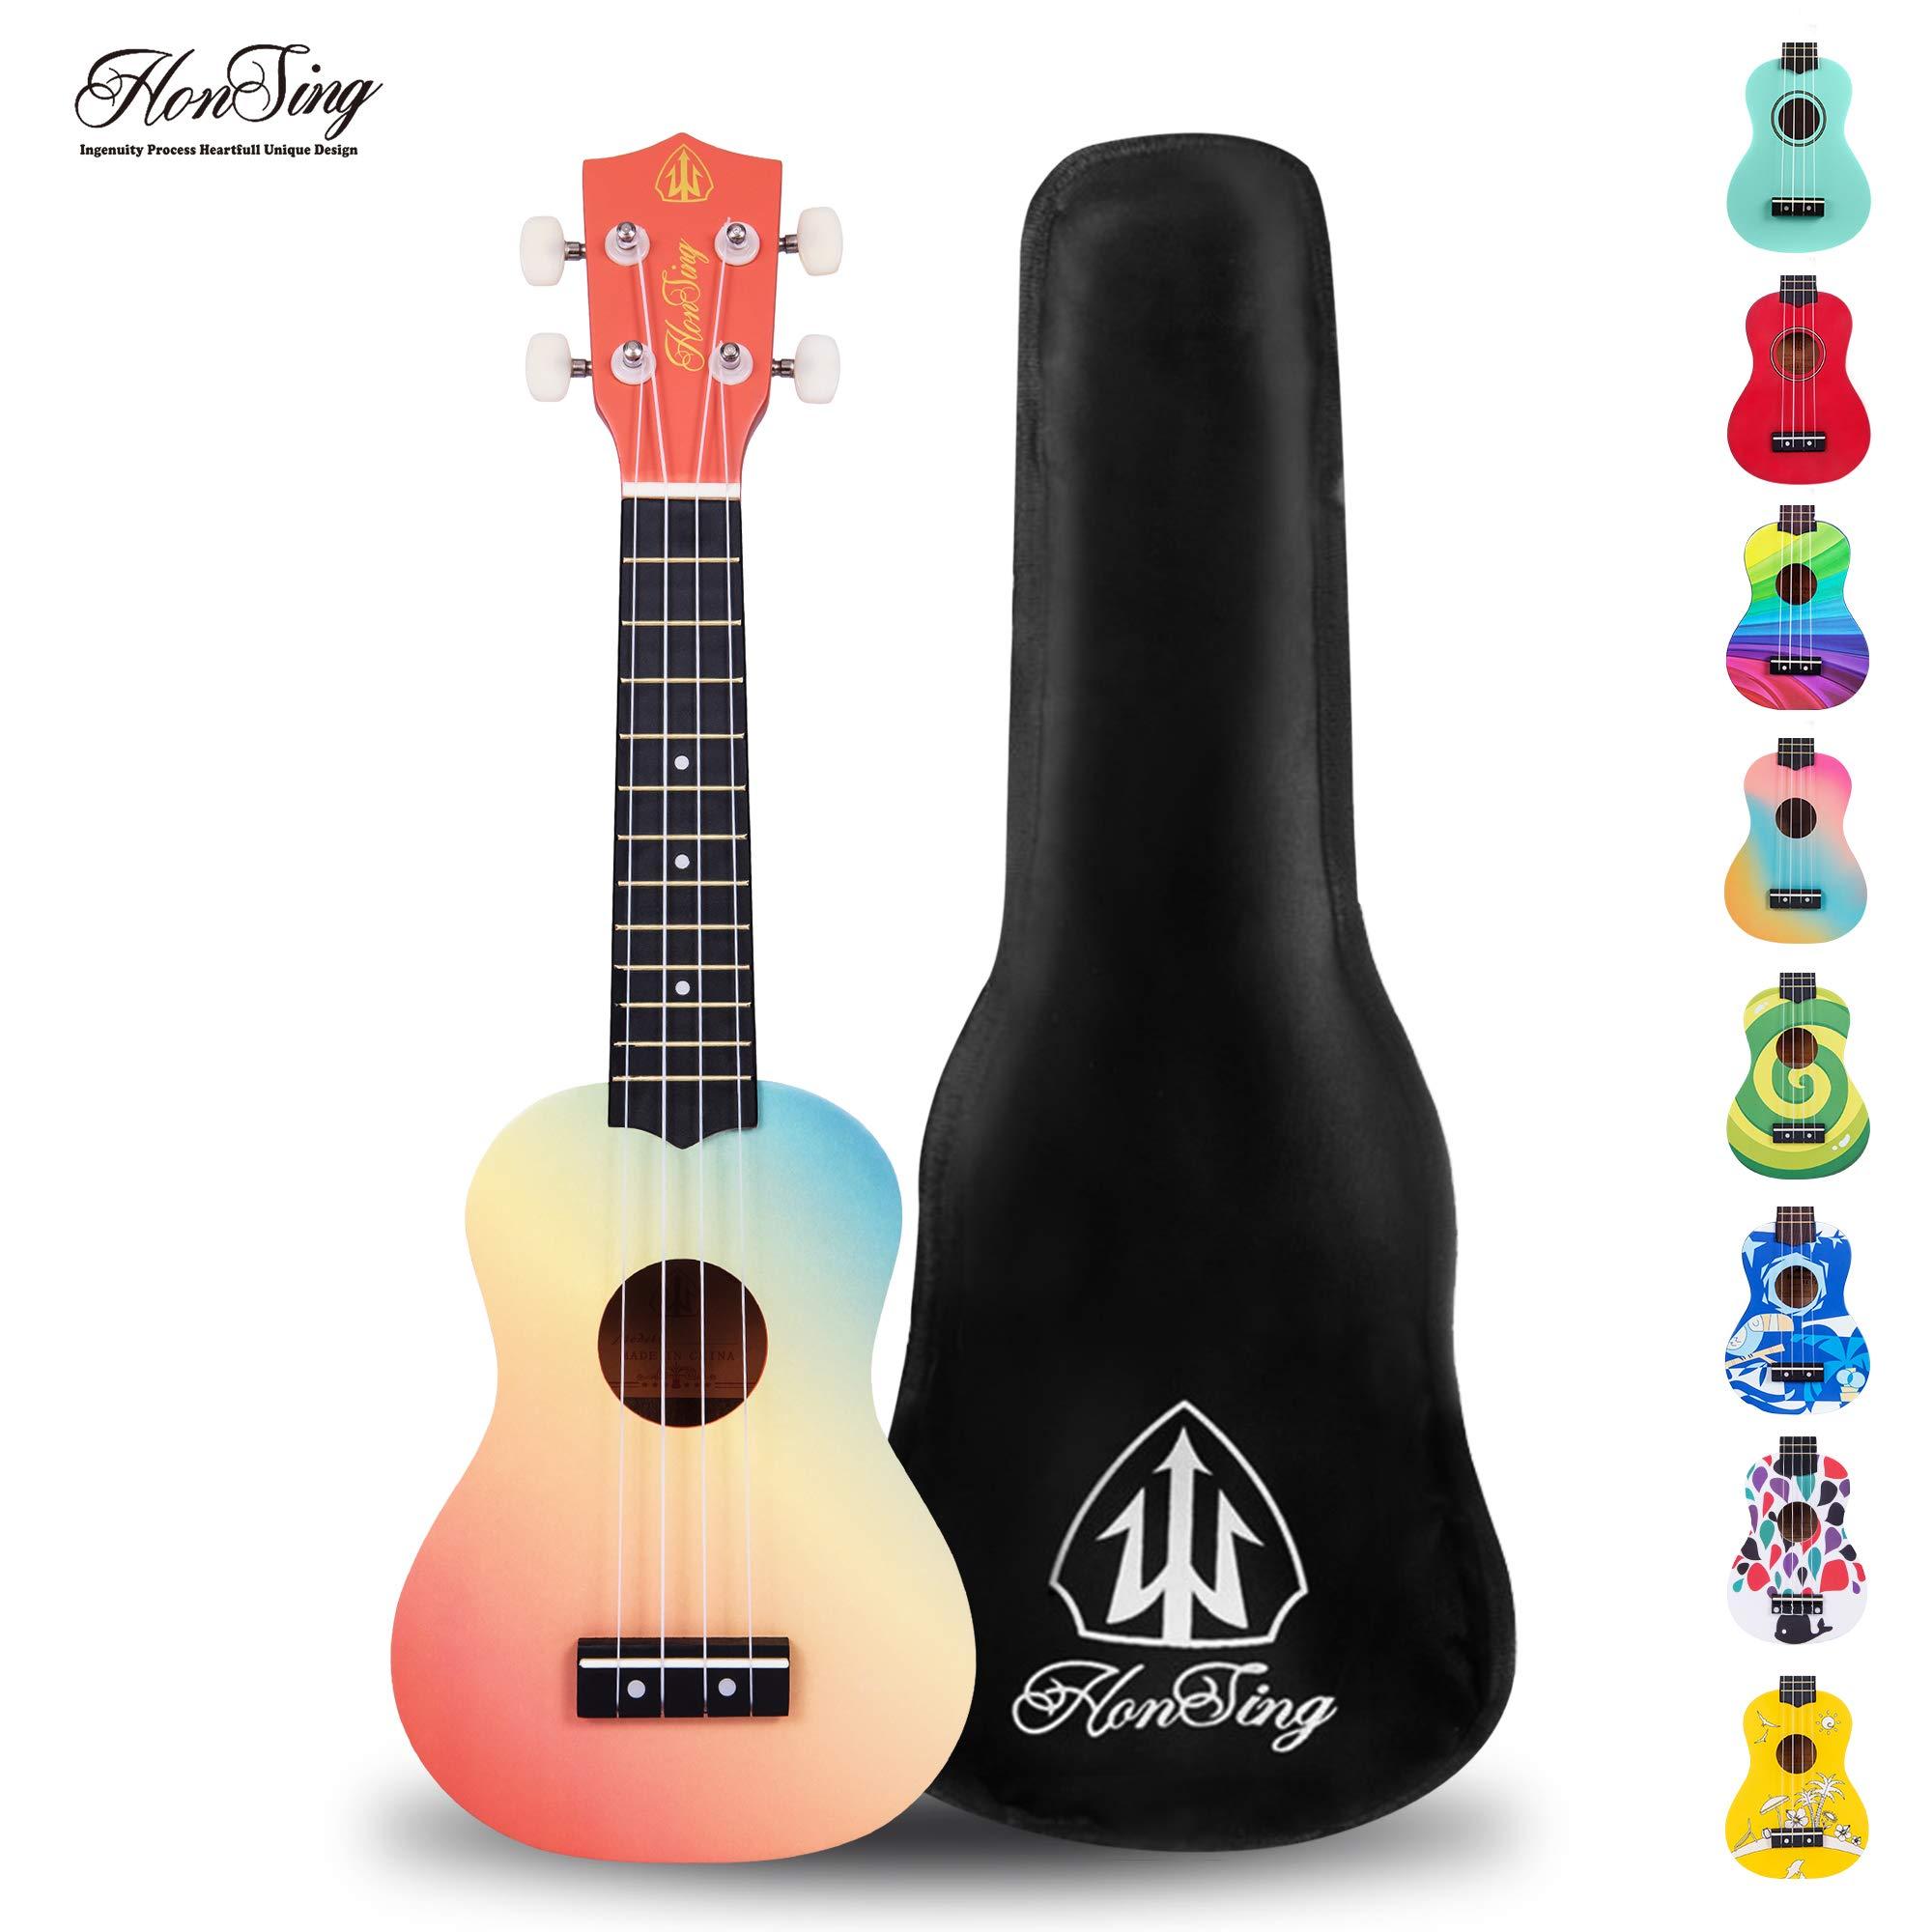 Honsing Kids Ukulele,Soprano Ukulele Beginner,Hawaii kids Guitar Uke Basswood 21 inches with Gig Bag- Rainbow Stripes Color matte finish by honsing